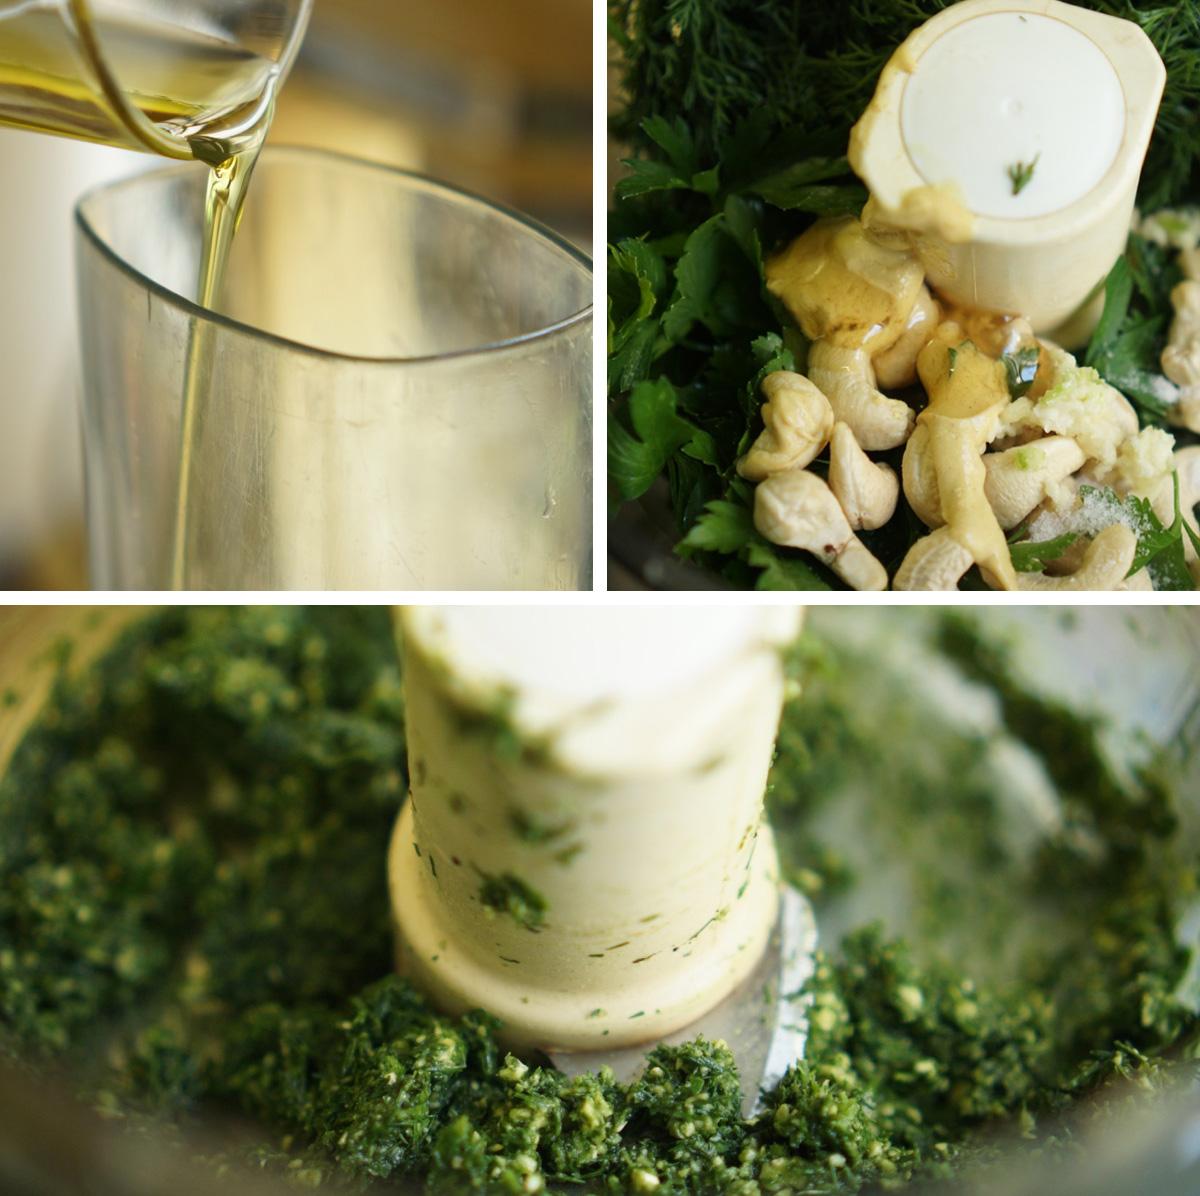 פסטו שמיר, גבישס - בלוג האוכל של מירב גביש